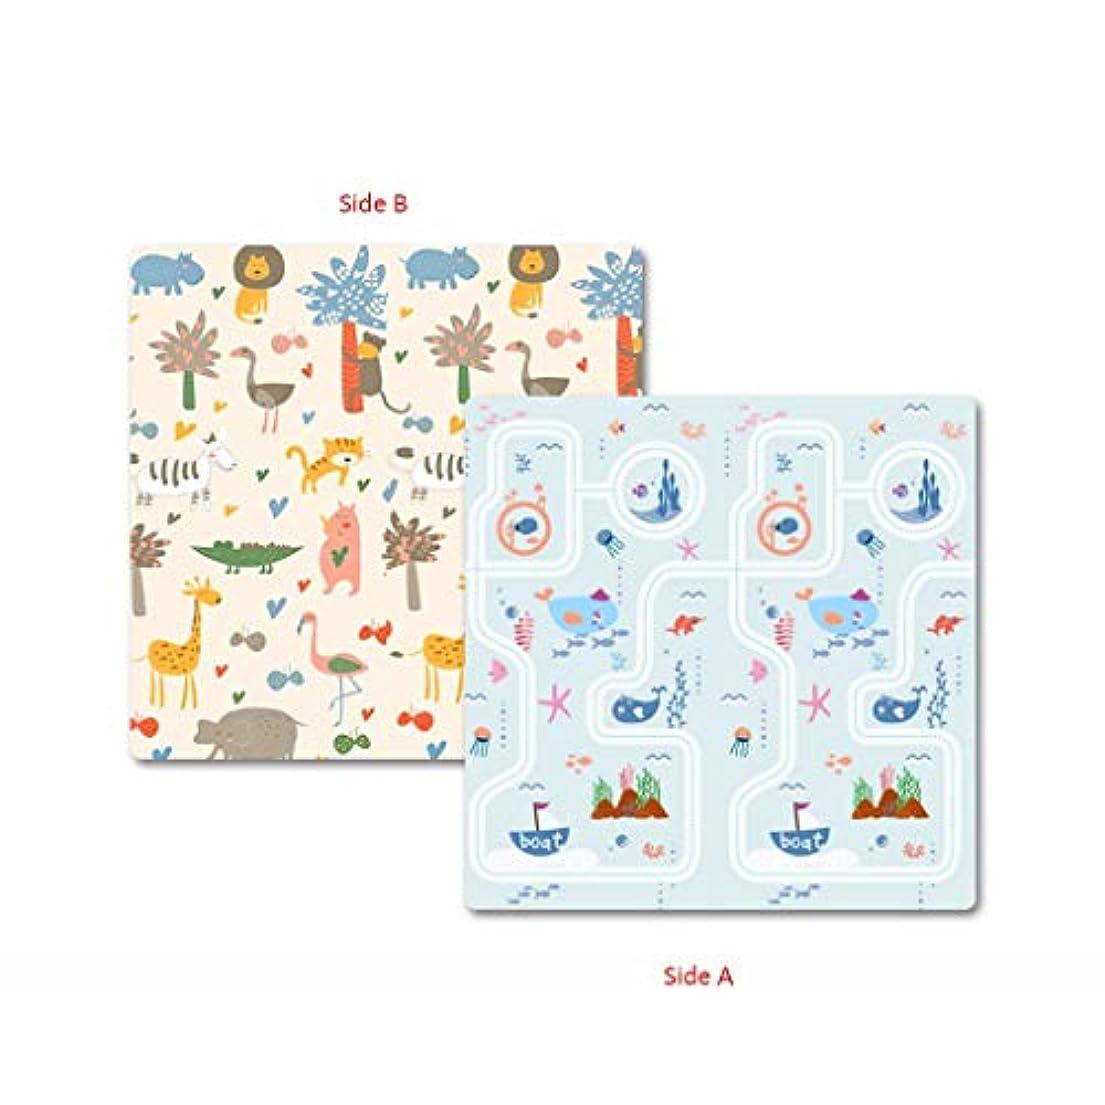 シニス成り立つ伝統的赤ちゃんプレイマット、厚い赤ちゃんクロールマット両面防水無毒シルクepeアンチスキッド子供プレイマットカーペット用赤ちゃん幼児子供 DITAN (Color : B, Size : 120x180x2cm)